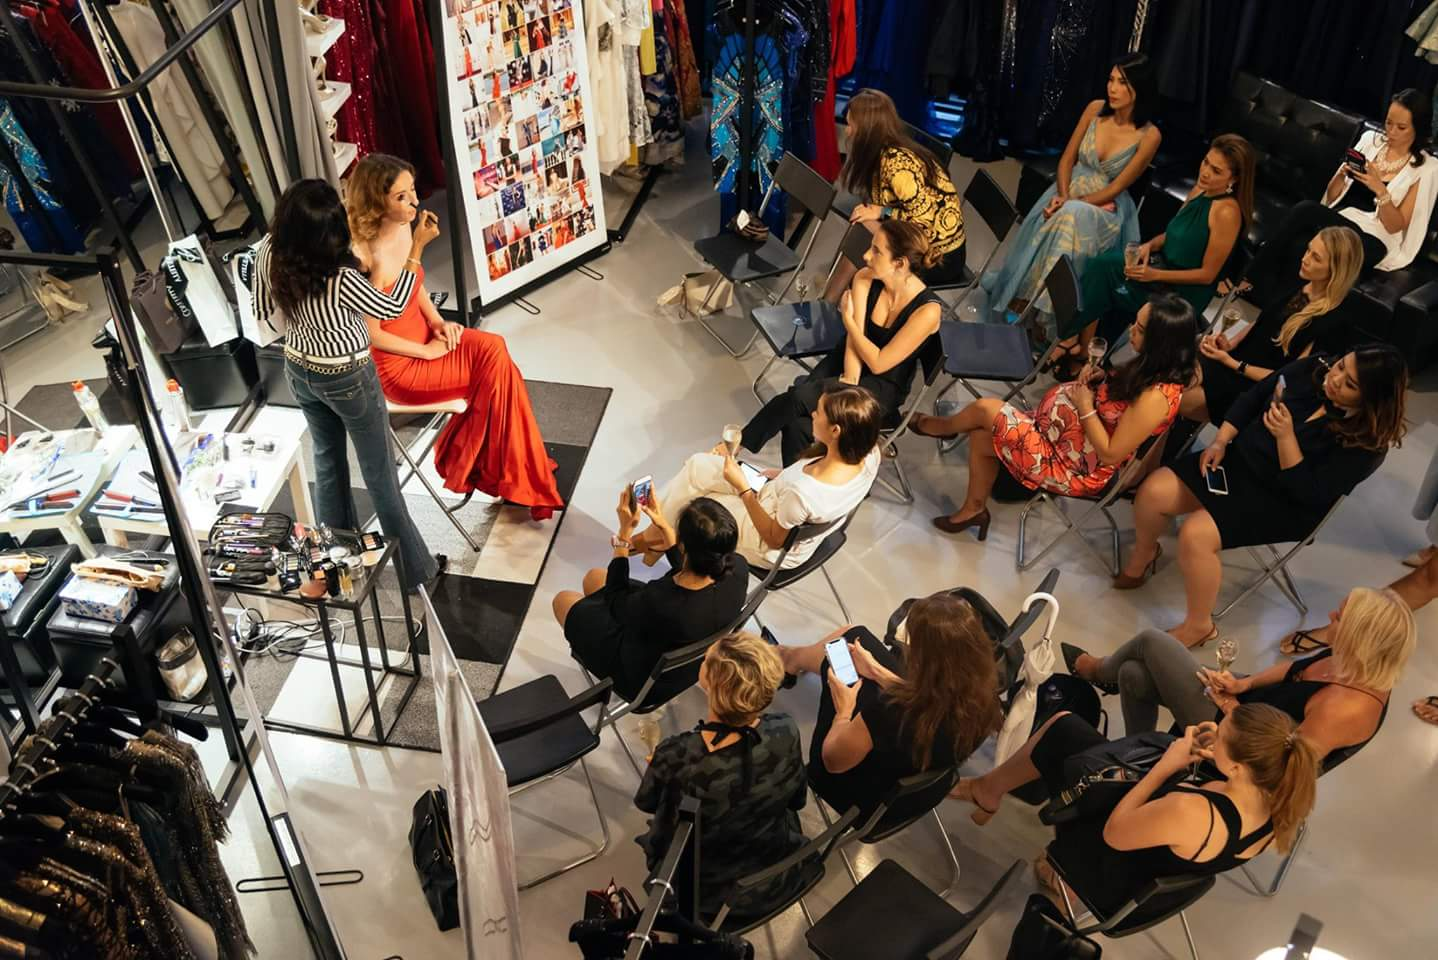 Makeover workshop